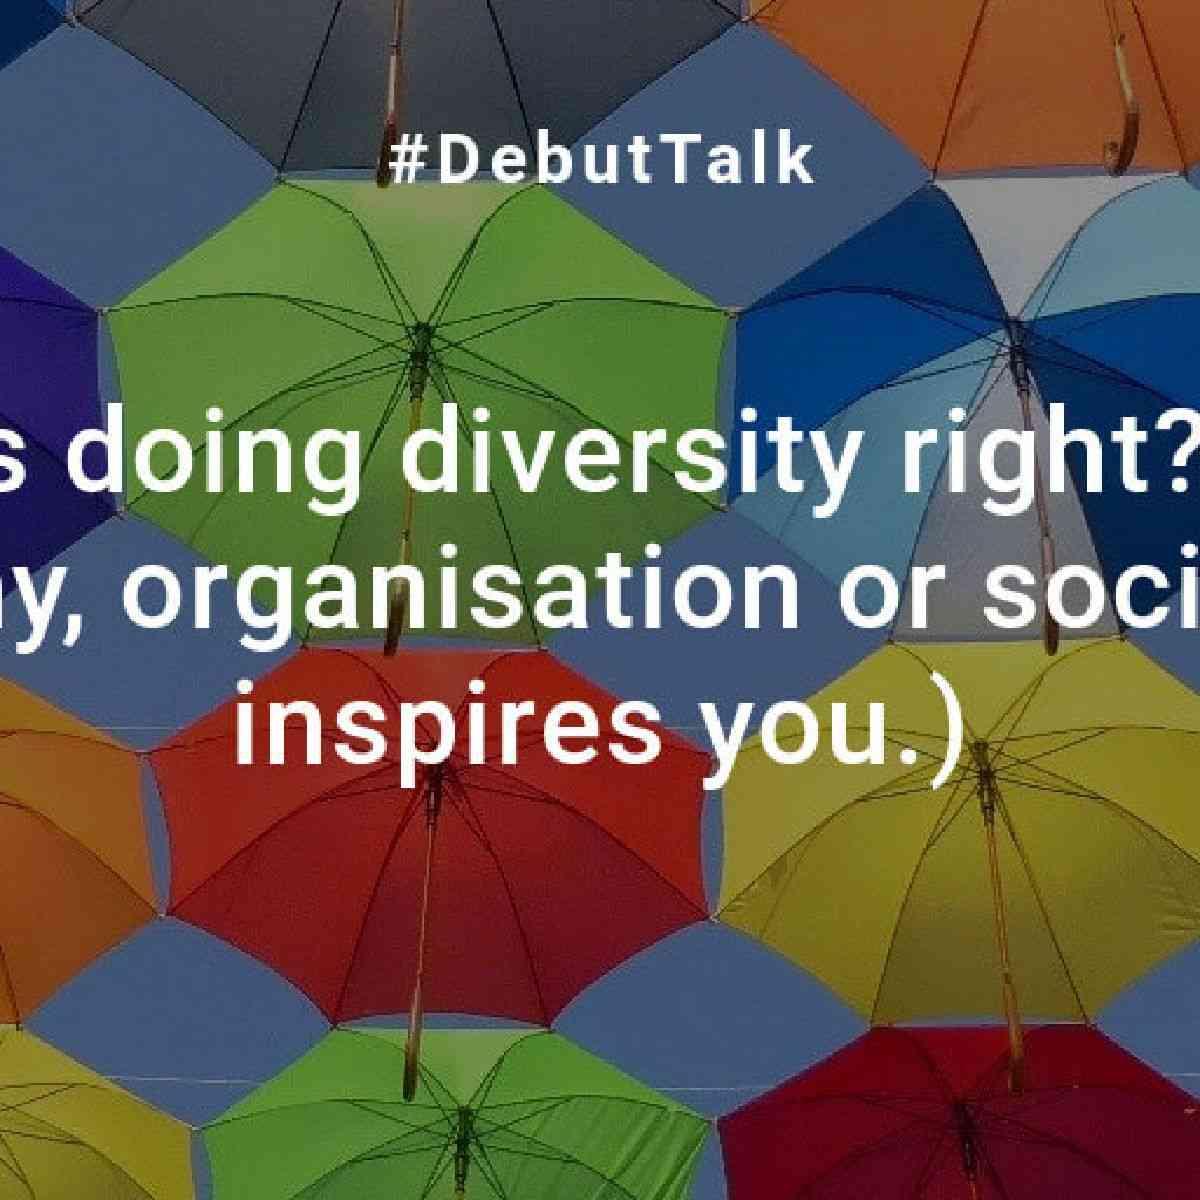 DebutTalk5-Q4: Diversity